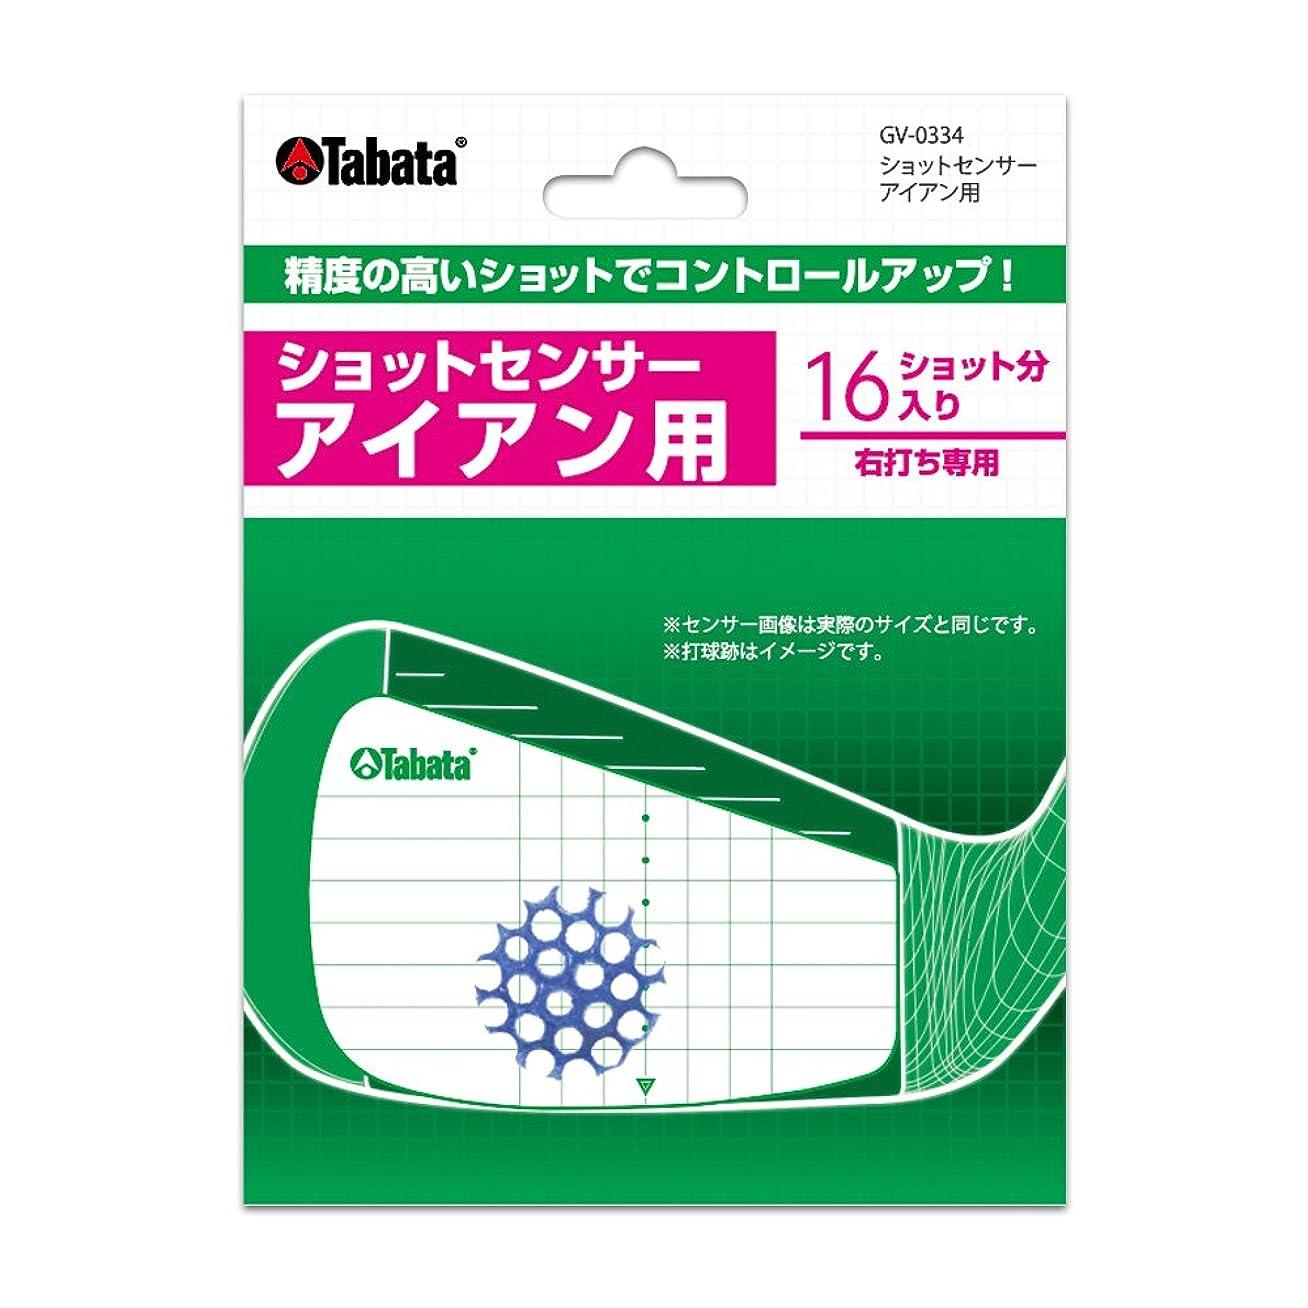 自体セール対処するTabata(タバタ) ゴルフ ショット マーカー ゴルフ練習用品 ショットセンサー